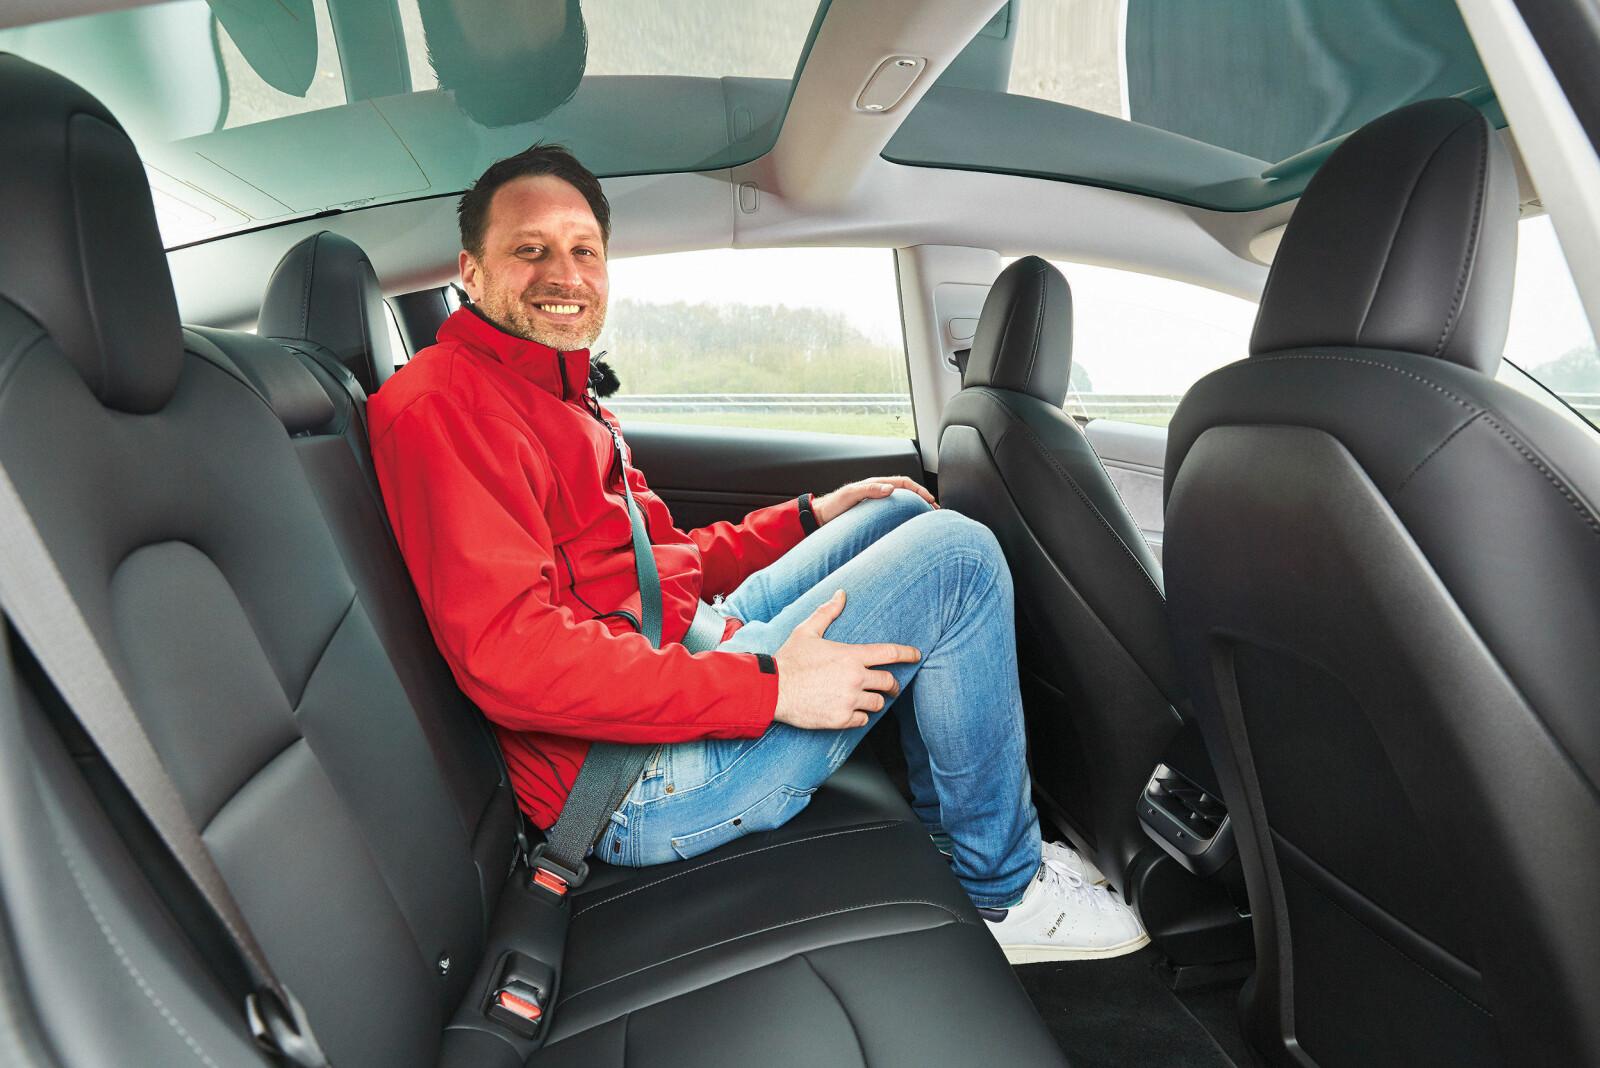 <b>TRANGT:</b> Biltesterens fårete smil viser det: I baksetet er det for lite plass for store personer.